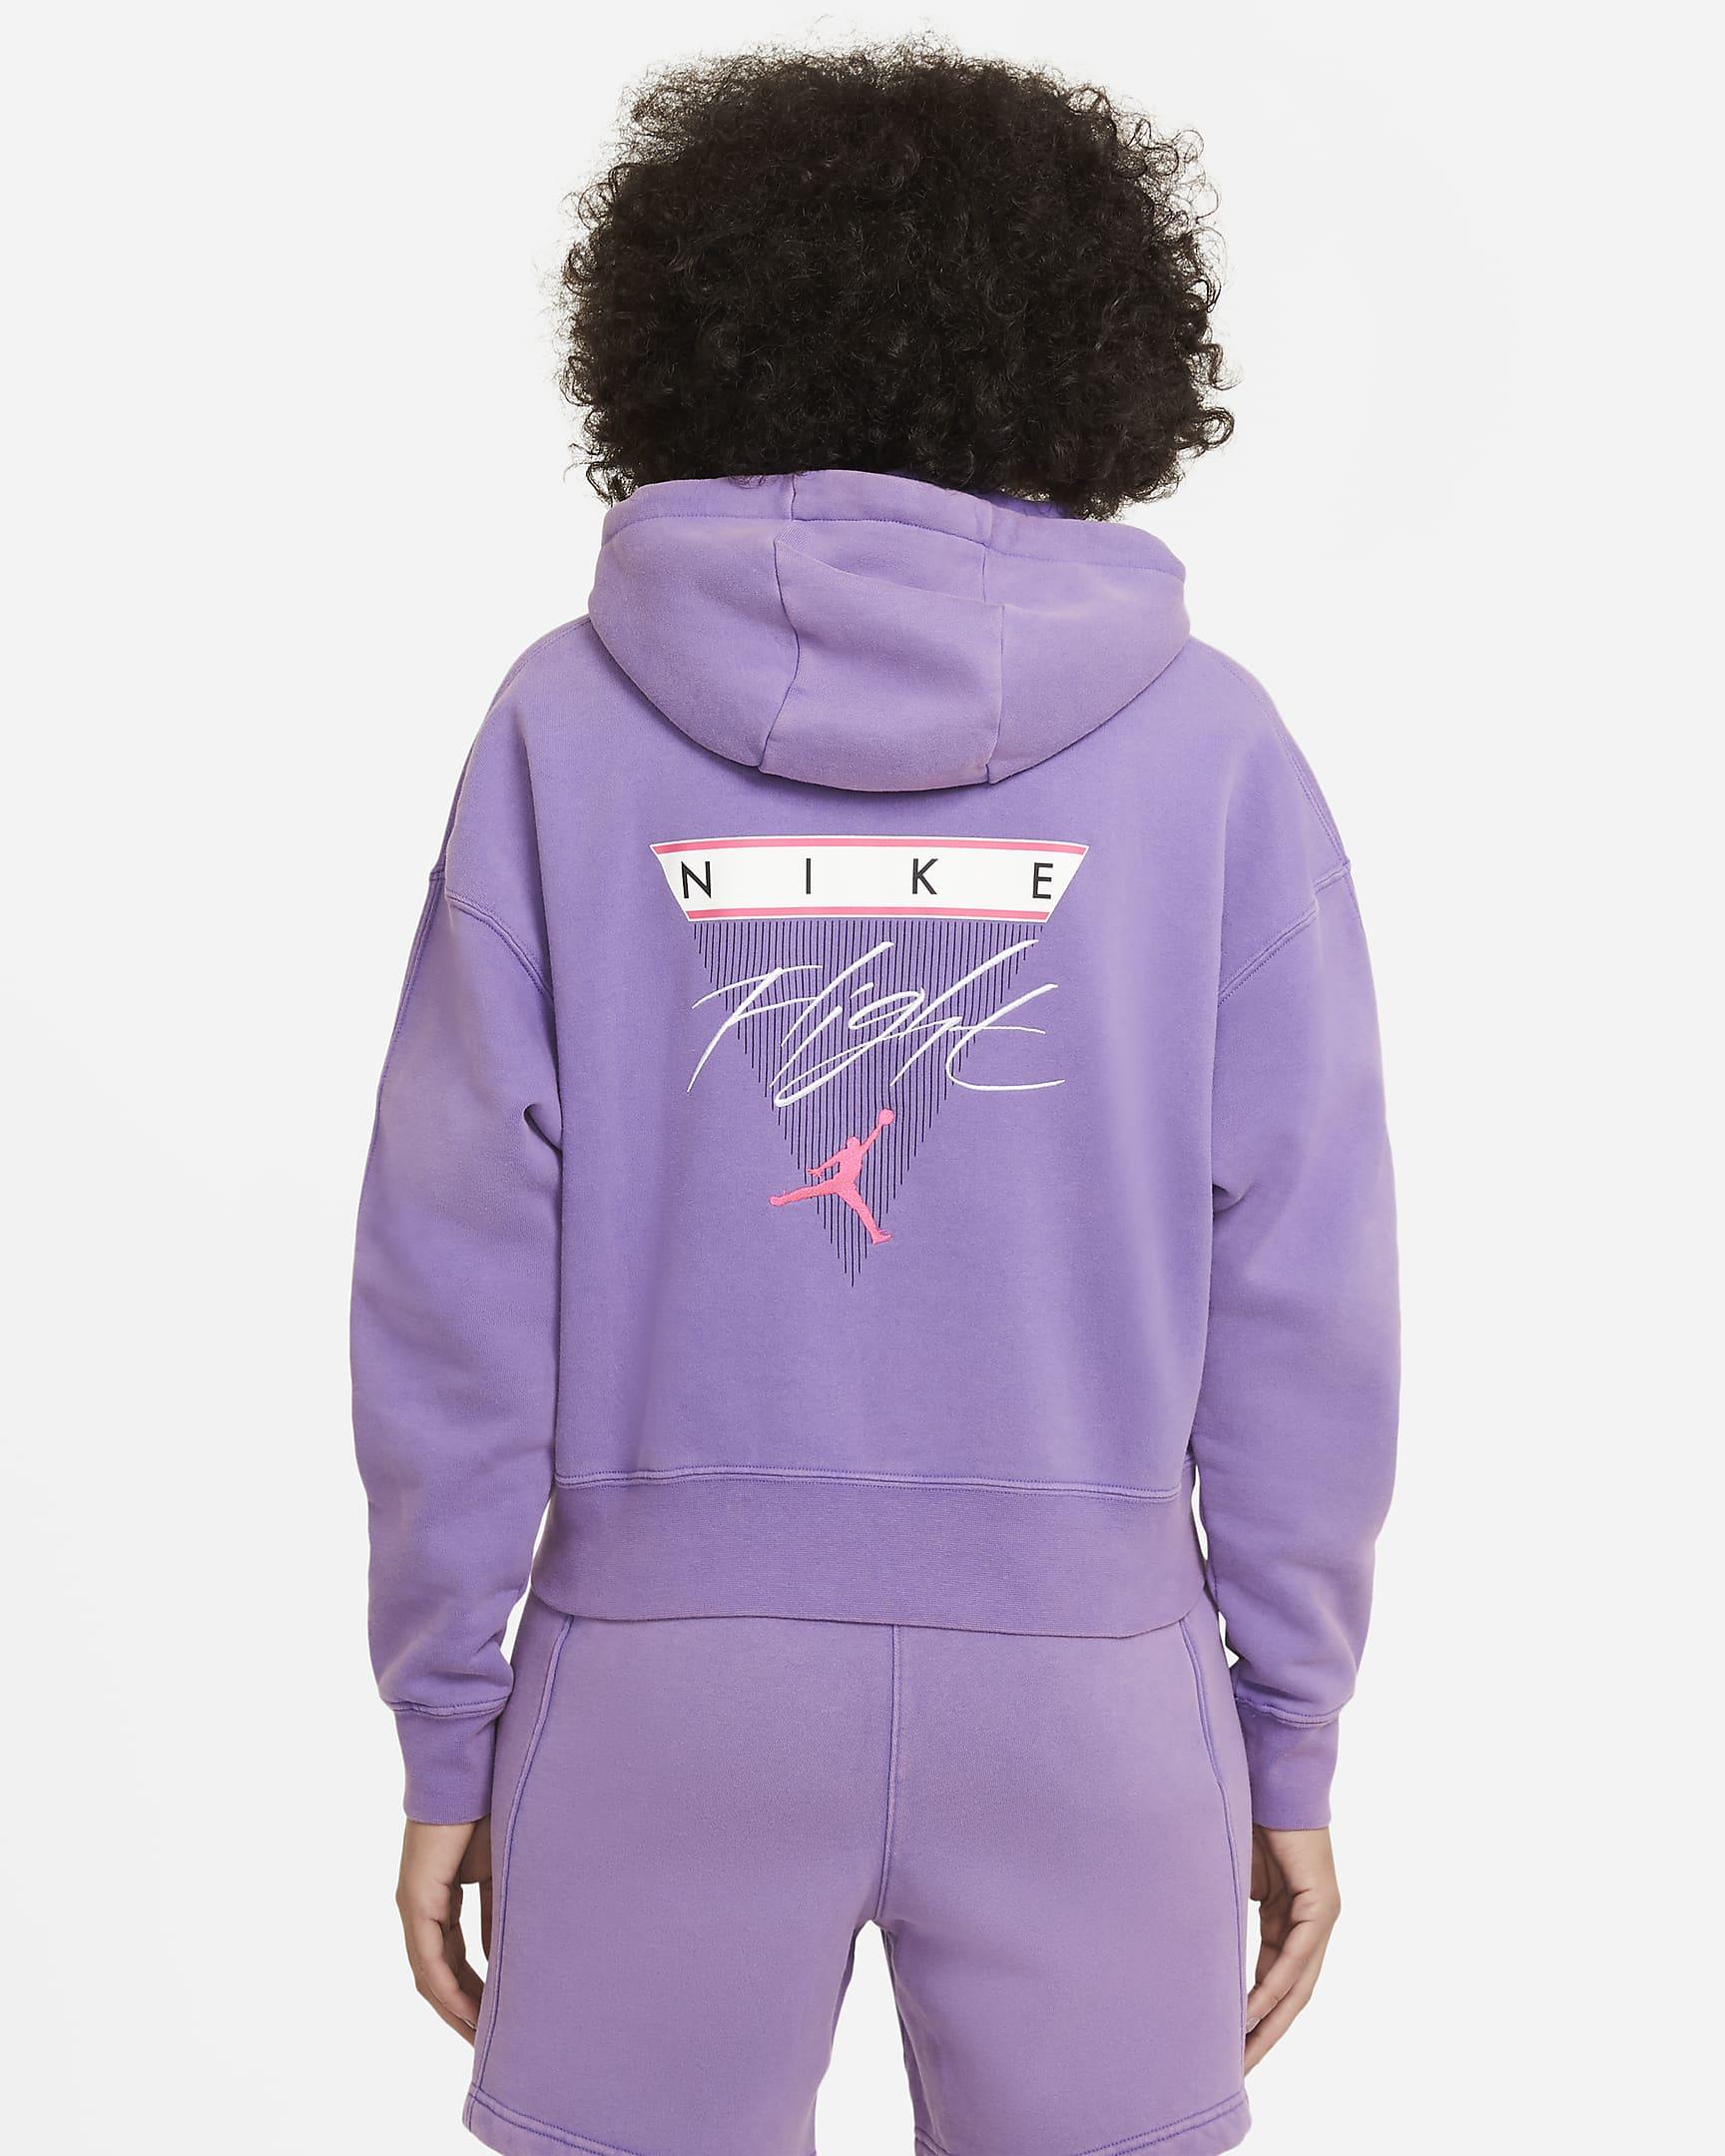 jordan-flight-womens-fleece-pullover-hoodie-wJP95l-1